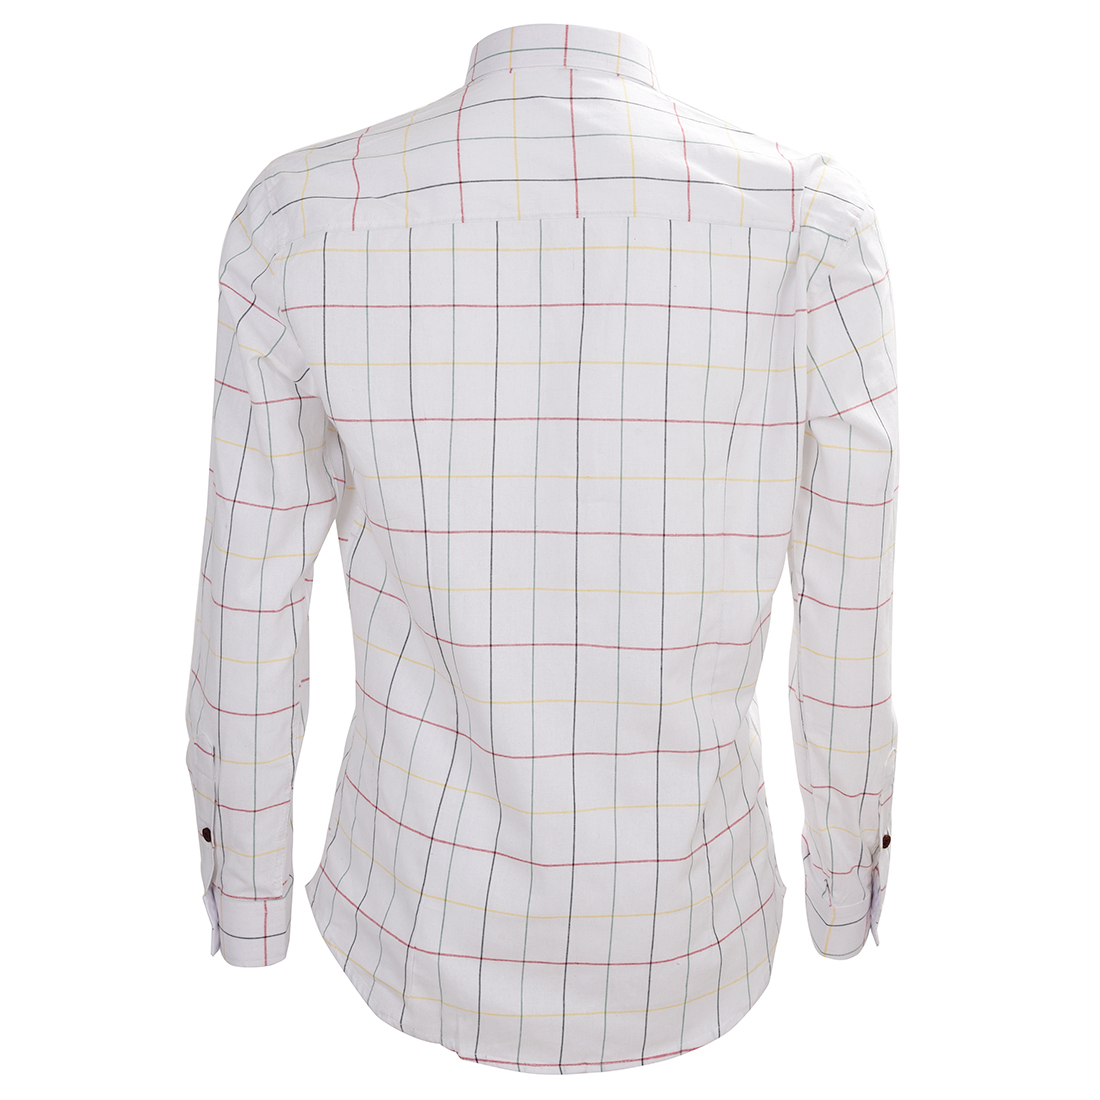 Высокое Качество Бизнес-Светлая Рубашка Плед Рубашку Мужчины С Длинным Рукавом Повседневный Slim Fit Рубашки для Мужчин Белый